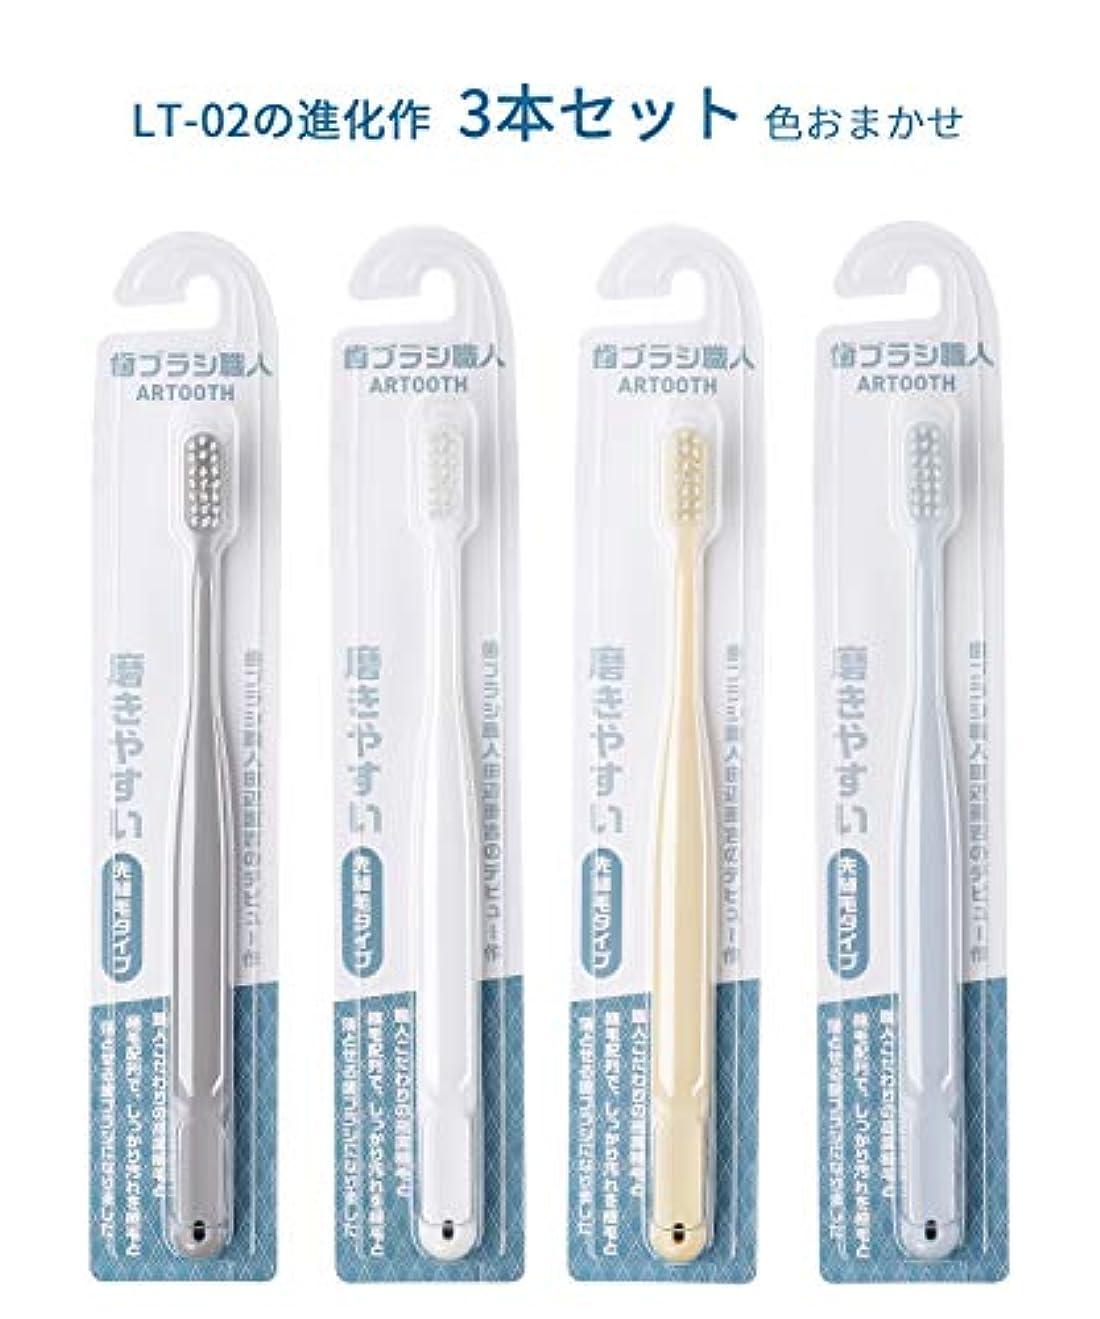 パイプサンプルイタリアの歯ブラシ職人ARTOOTH 田辺重吉 磨きやすい歯ブラシ 先細 AT-02 (3本パック)